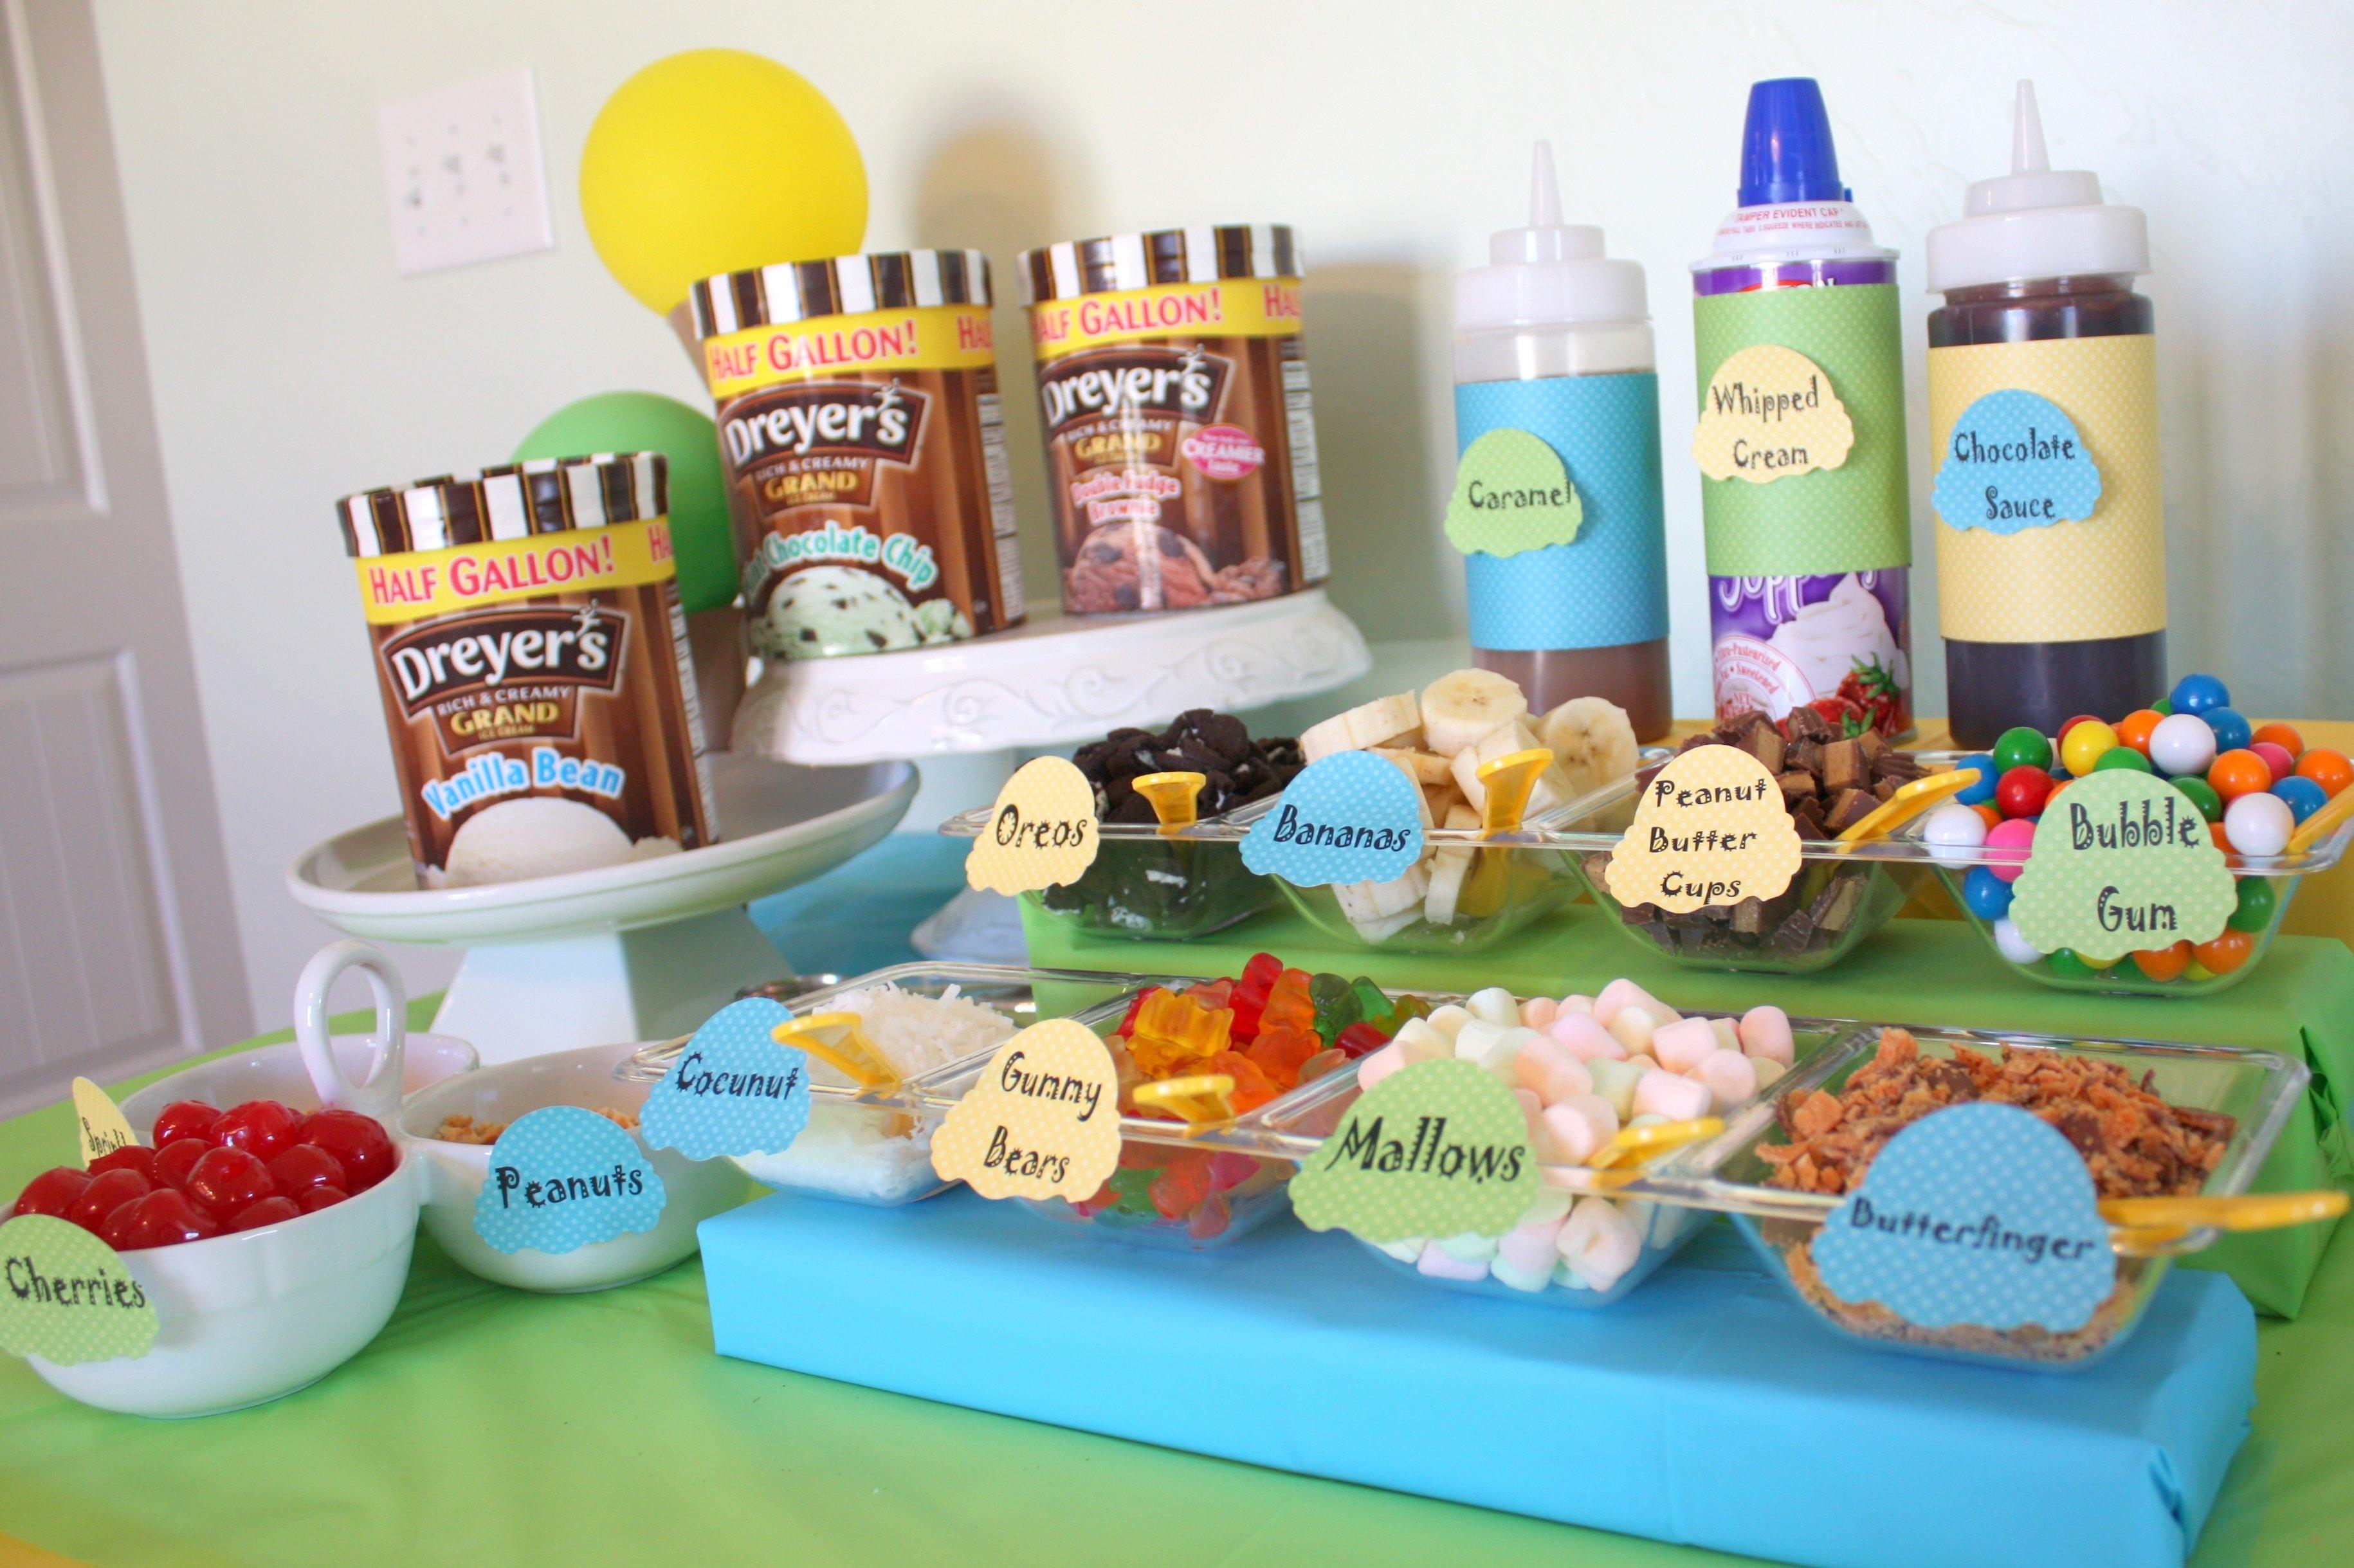 10 Beautiful Ice Cream Sundae Bar Ideas pool coffee ice cream bars neurotic baker to mind ice cream sundae 2020